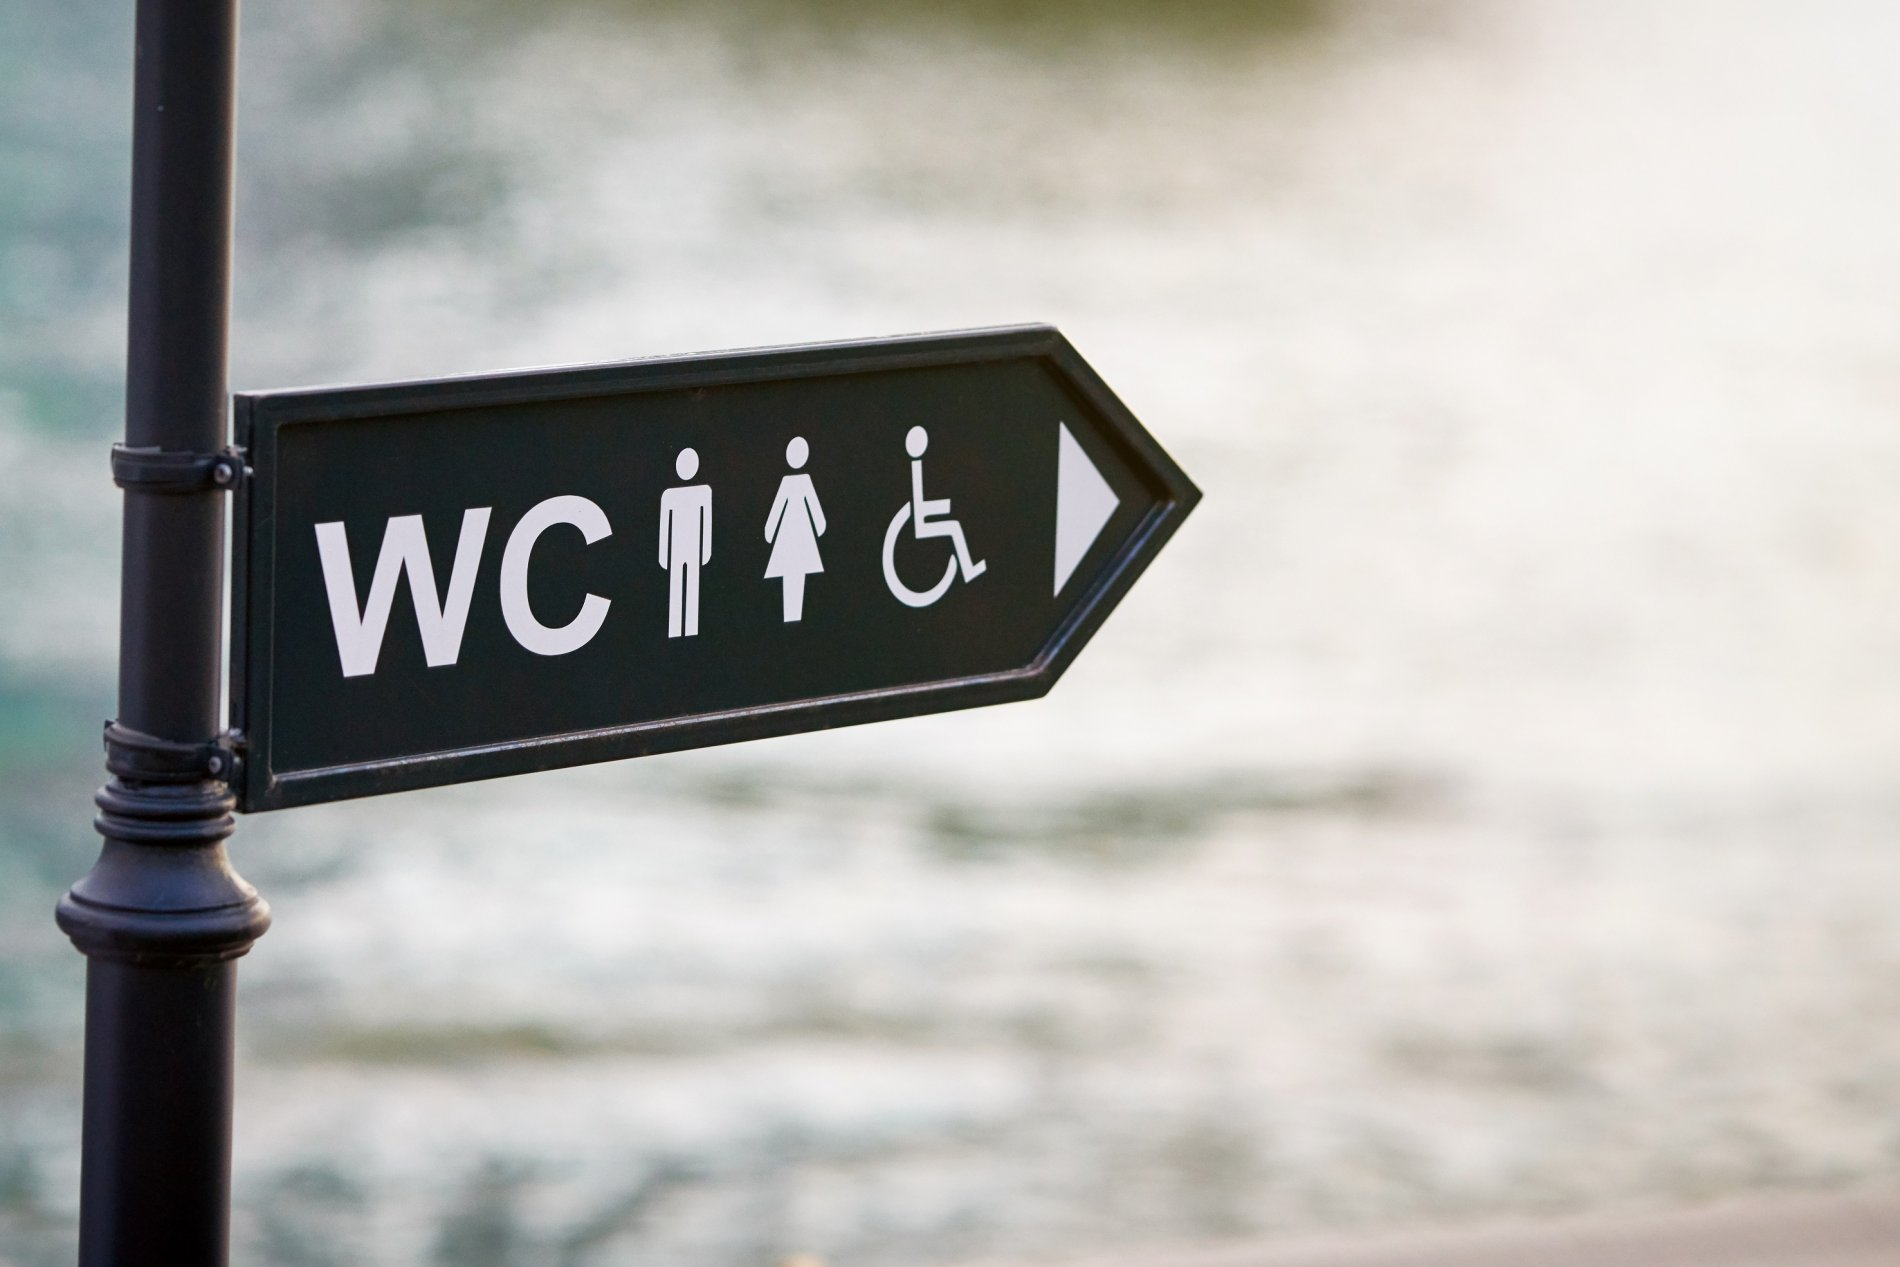 Öffentliche WC-Anlagen